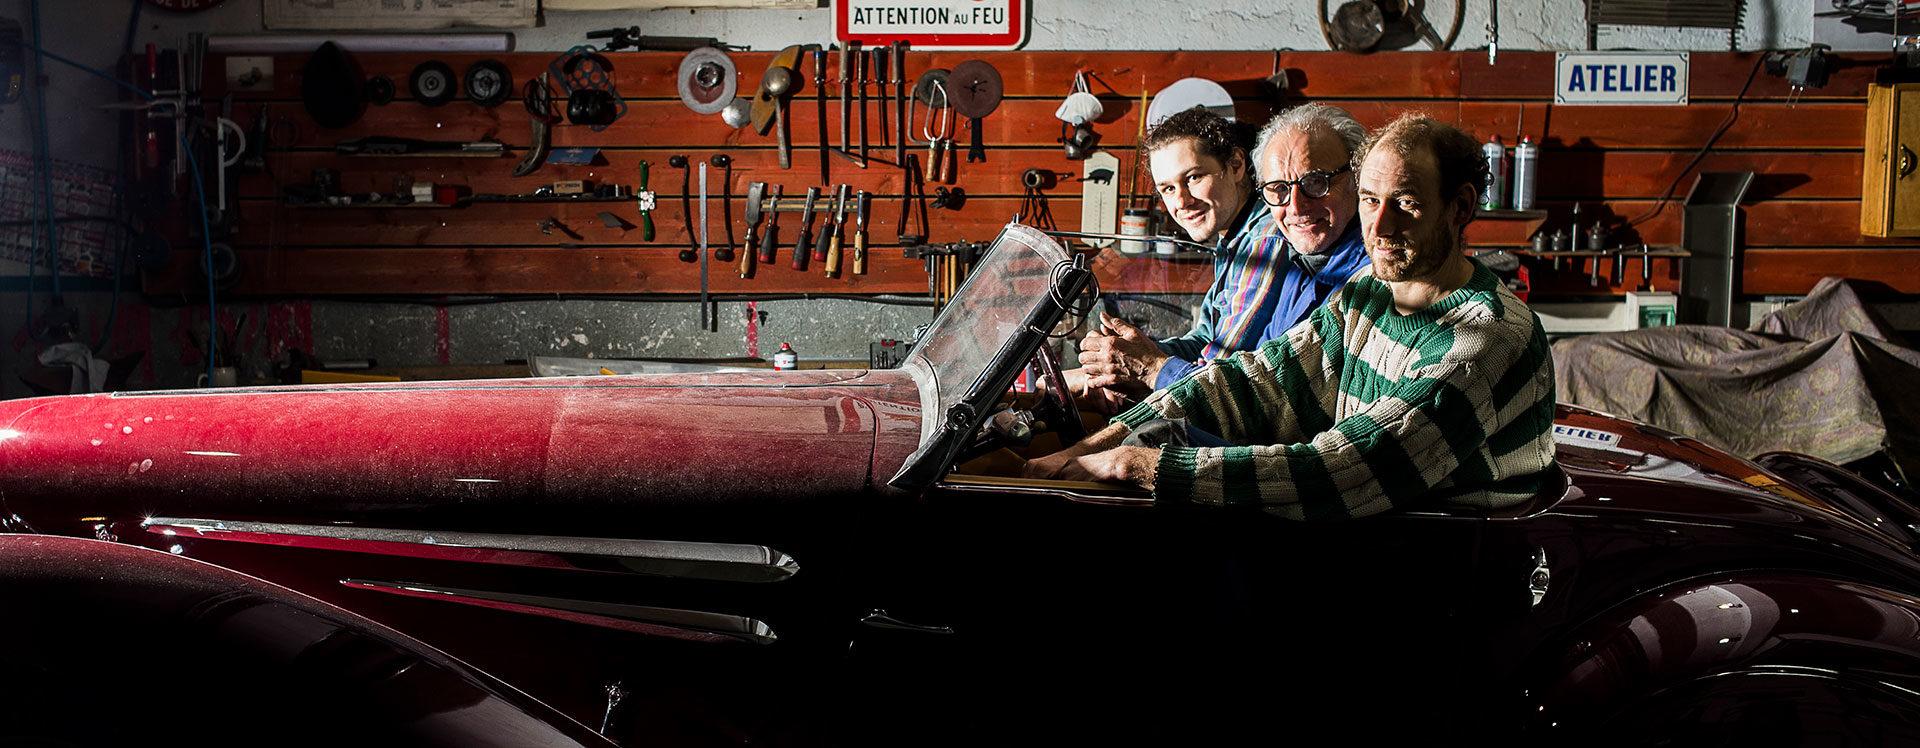 Hubert Haberbusch, Isaak Rensing et Romain Gougenot dans la carrosserie H.H. Services. © Pascal Bastien